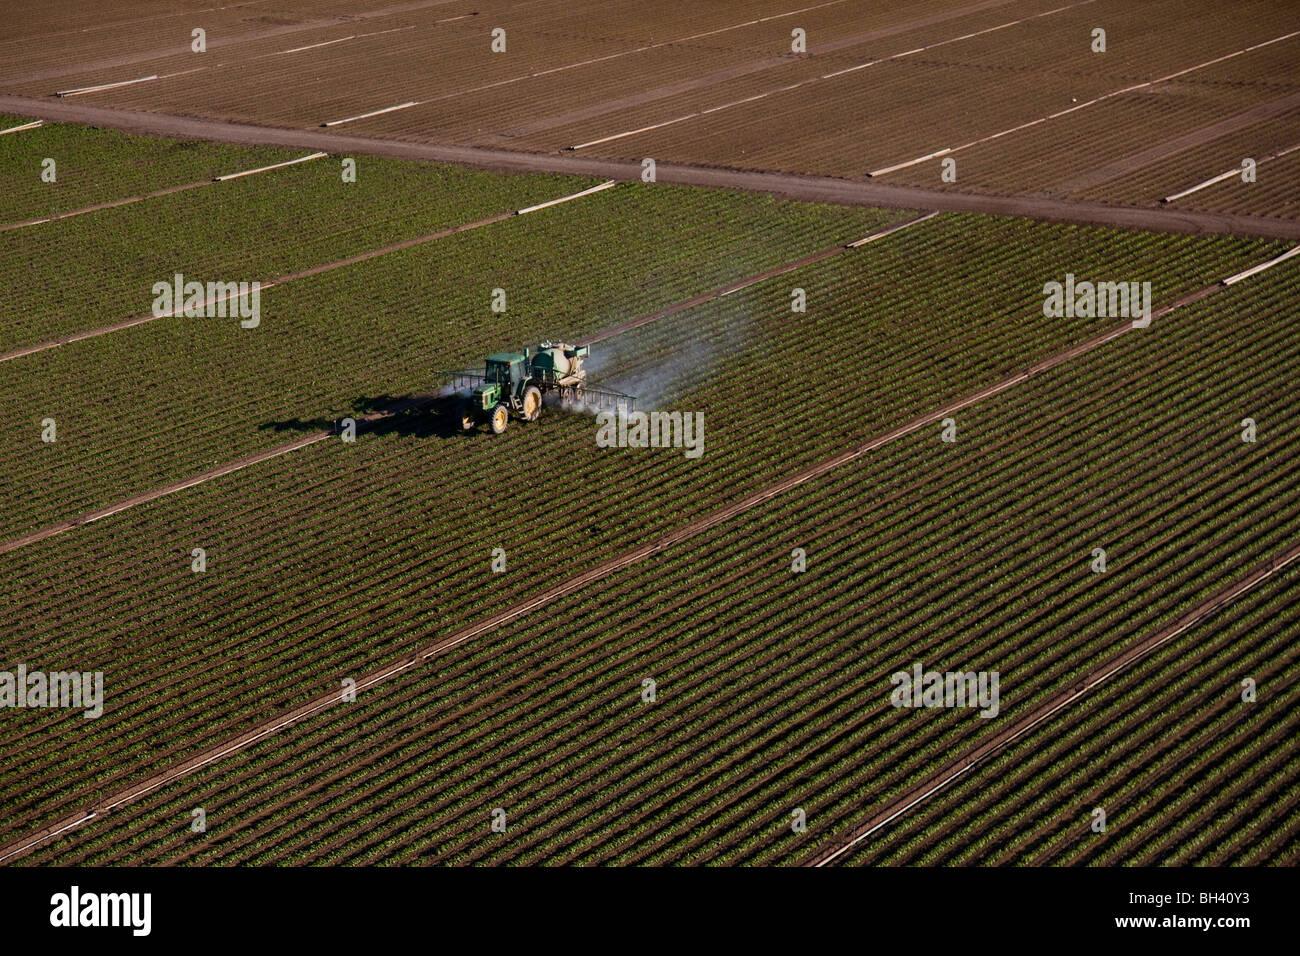 La fertilisation des cultures, l'agriculture du sud de la Floride Photo Stock